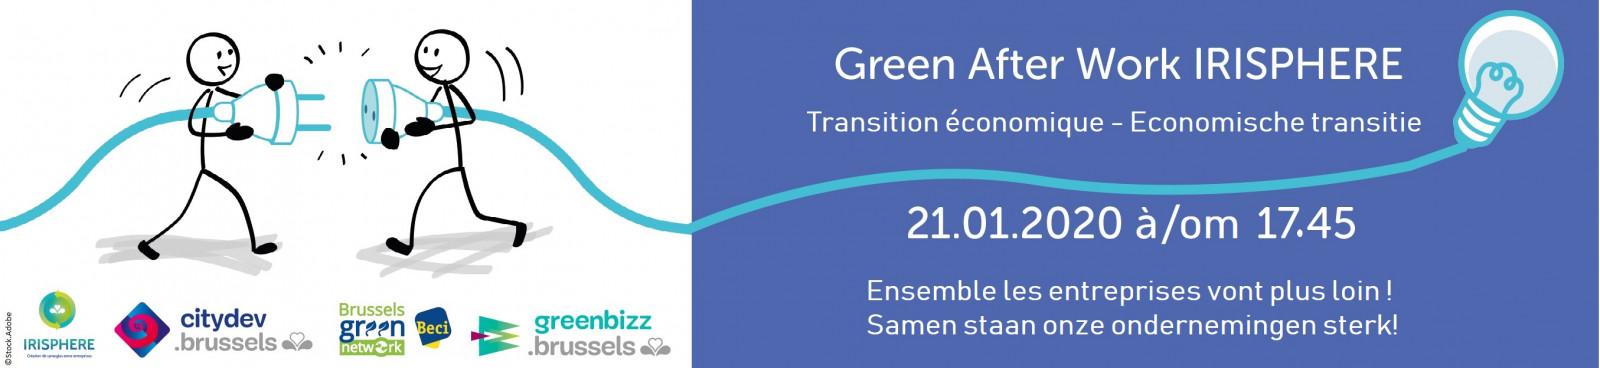 Green After Work BECI x Irisphere : Transition économique